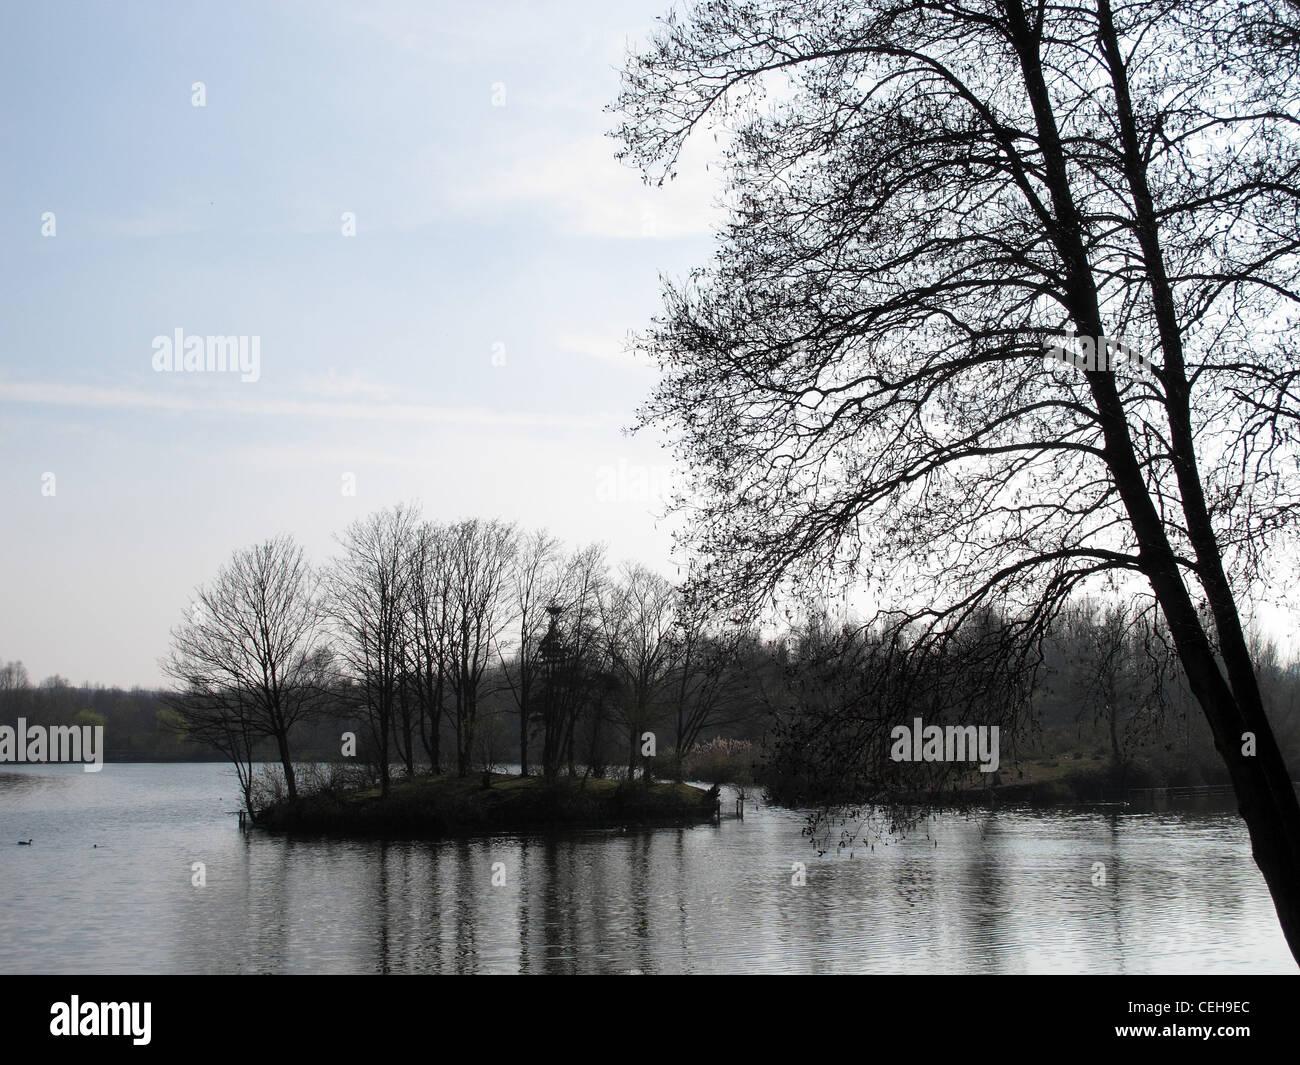 Scène d'hiver sur le lac de la vallée de la flèche, Redditch, stark trees against a blue sky Photo Stock